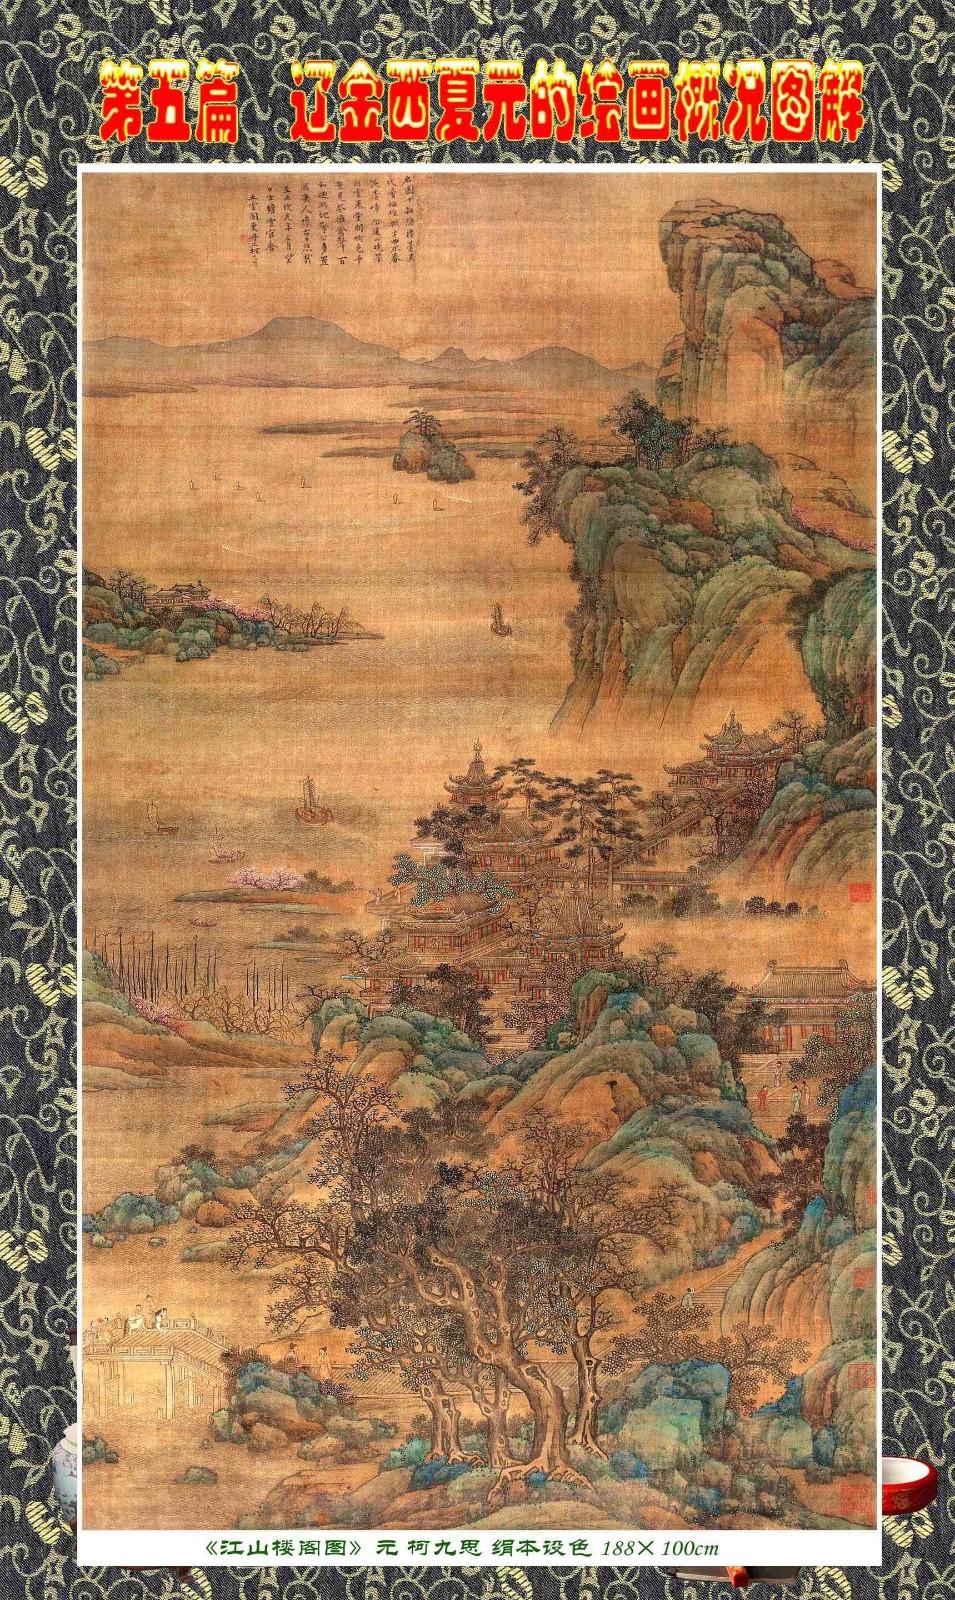 顾绍骅编辑 中国画知识普及版 第五篇 辽金西夏元的绘画概况 下 ... ..._图1-2